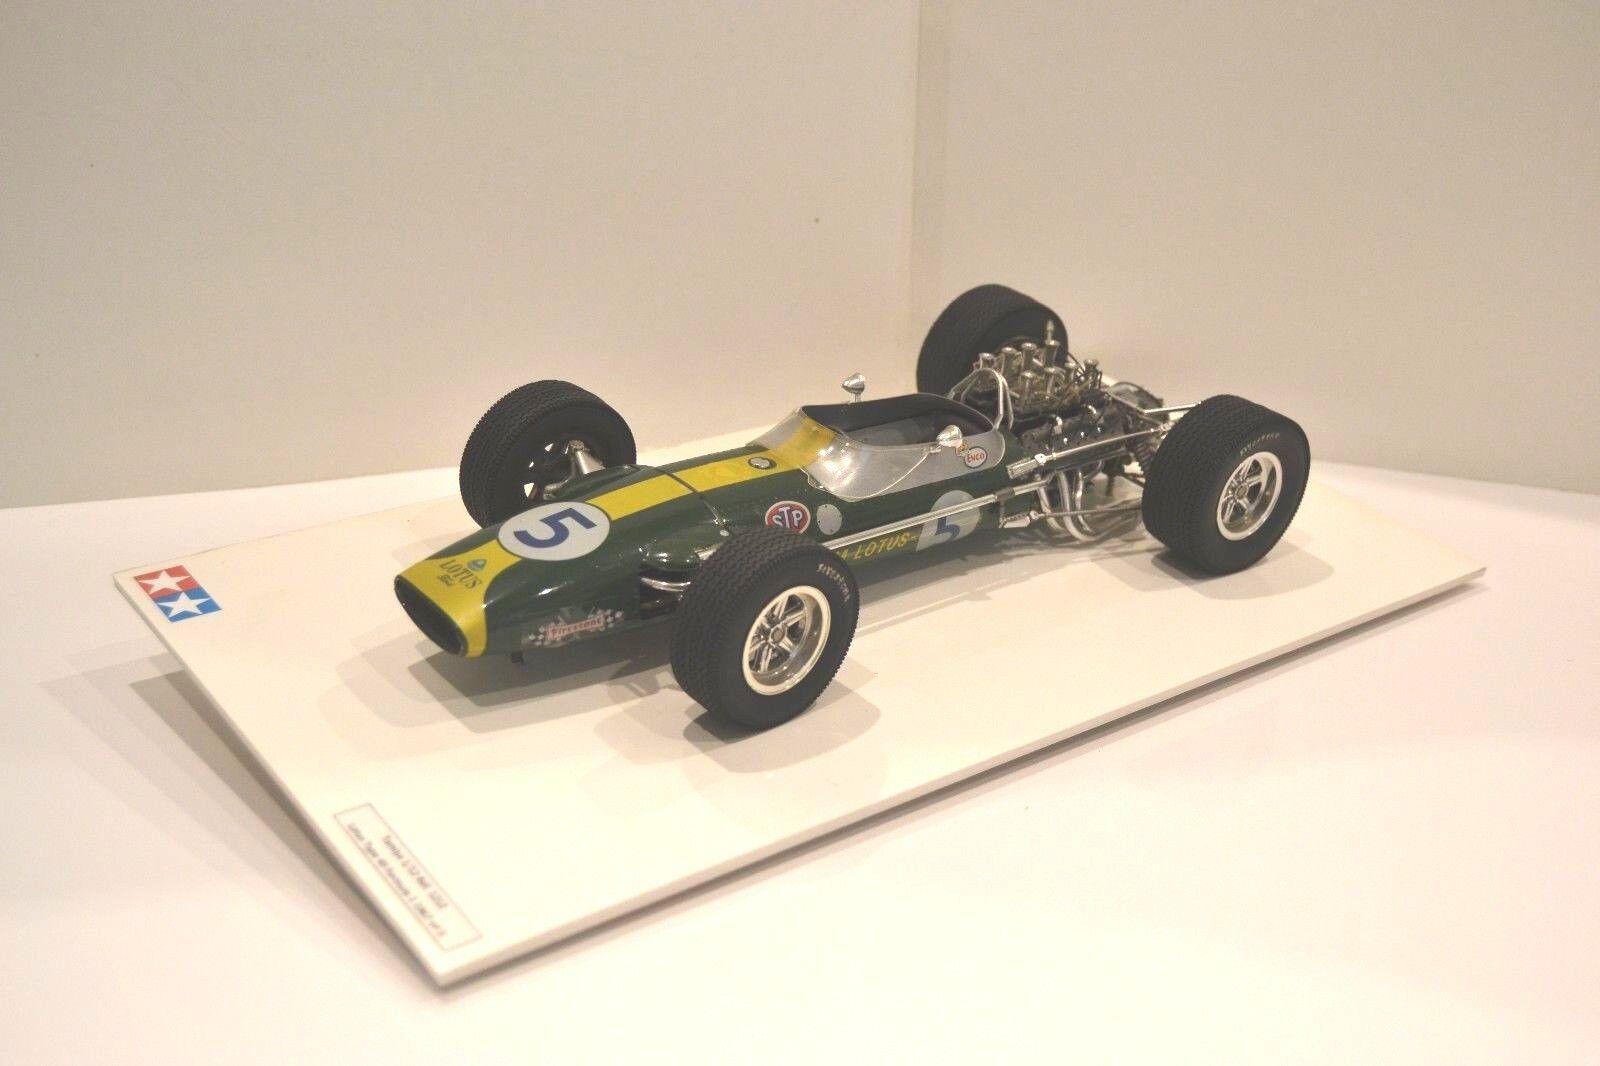 Tamiya 1/12. Lotus 49 1967 Formule 1 nº 5. Réf. 1212. Modèle monté sur socle.